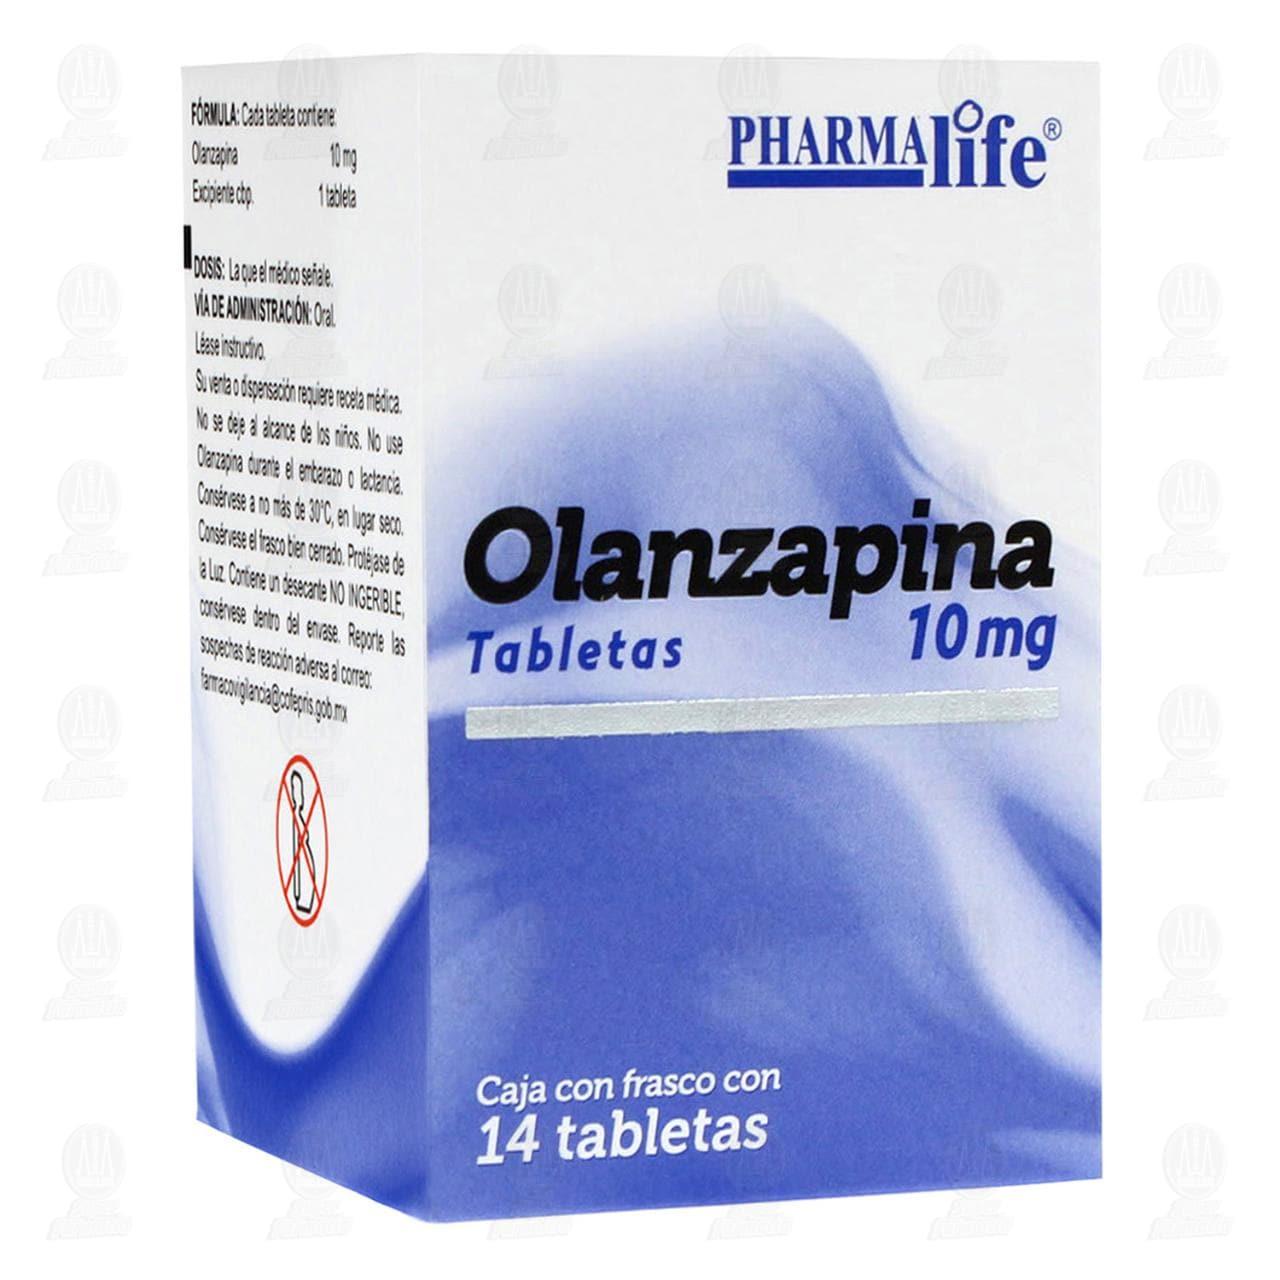 Comprar Olanzapina 10mg 14 Tabletas Pharmalife en Farmacias Guadalajara